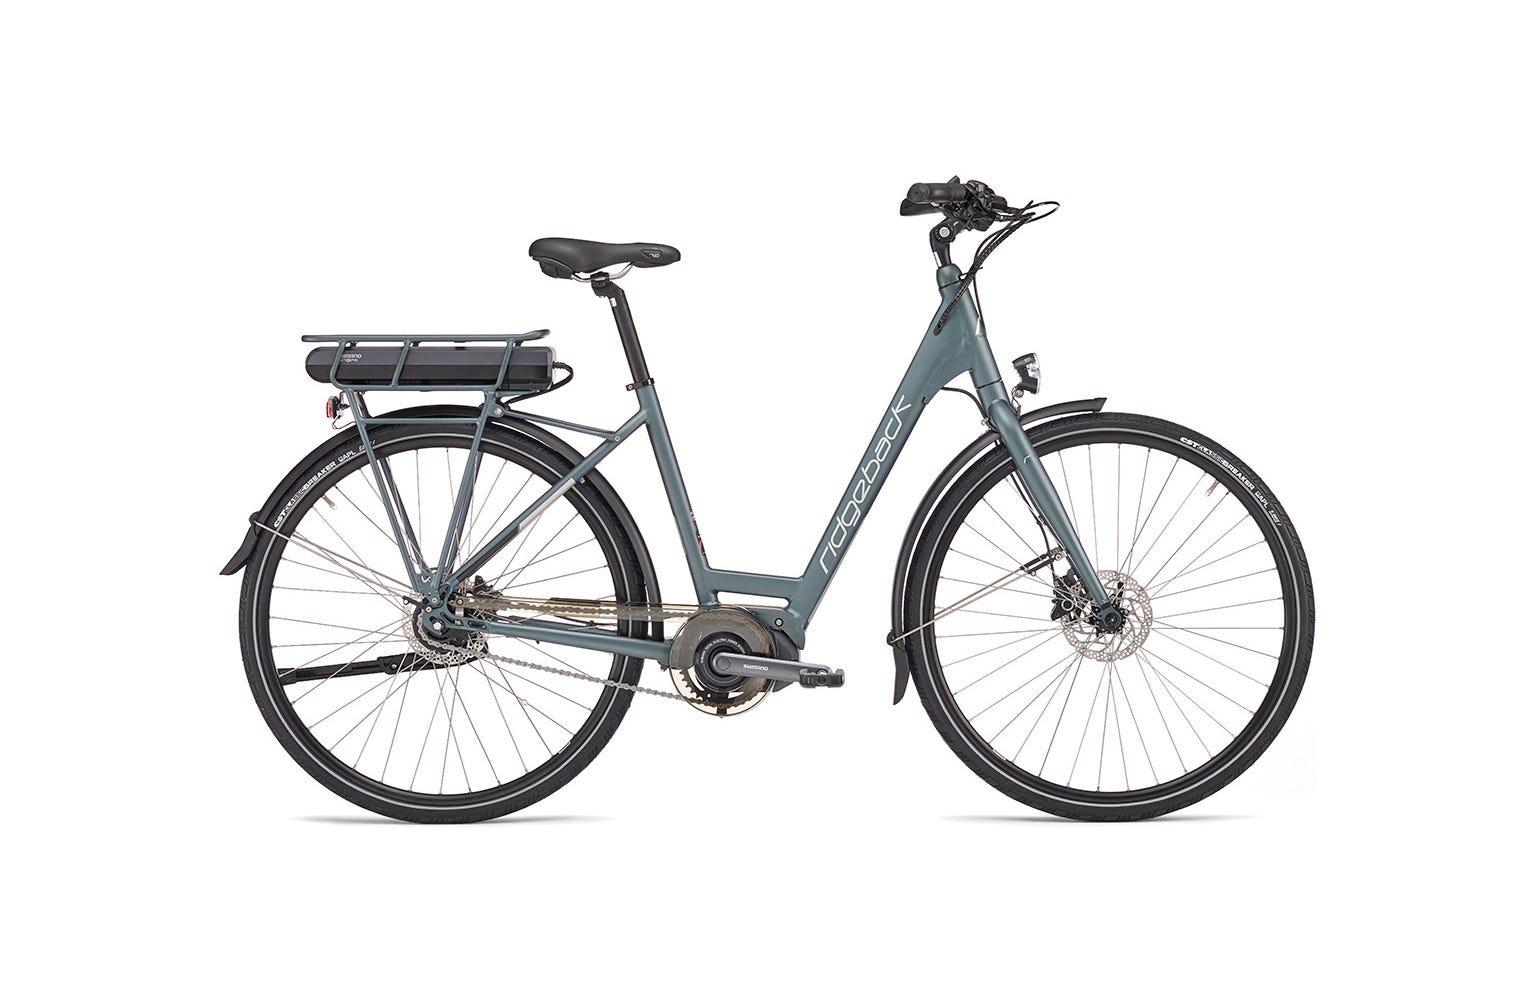 Ridgeback Electron Plus Medium bike EX DISPLAY